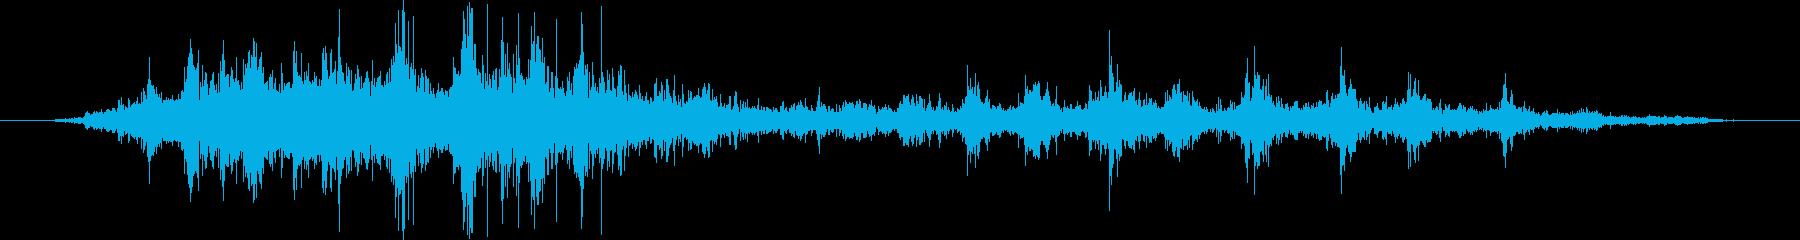 ジャイアントバード:ヘビーウィング...の再生済みの波形